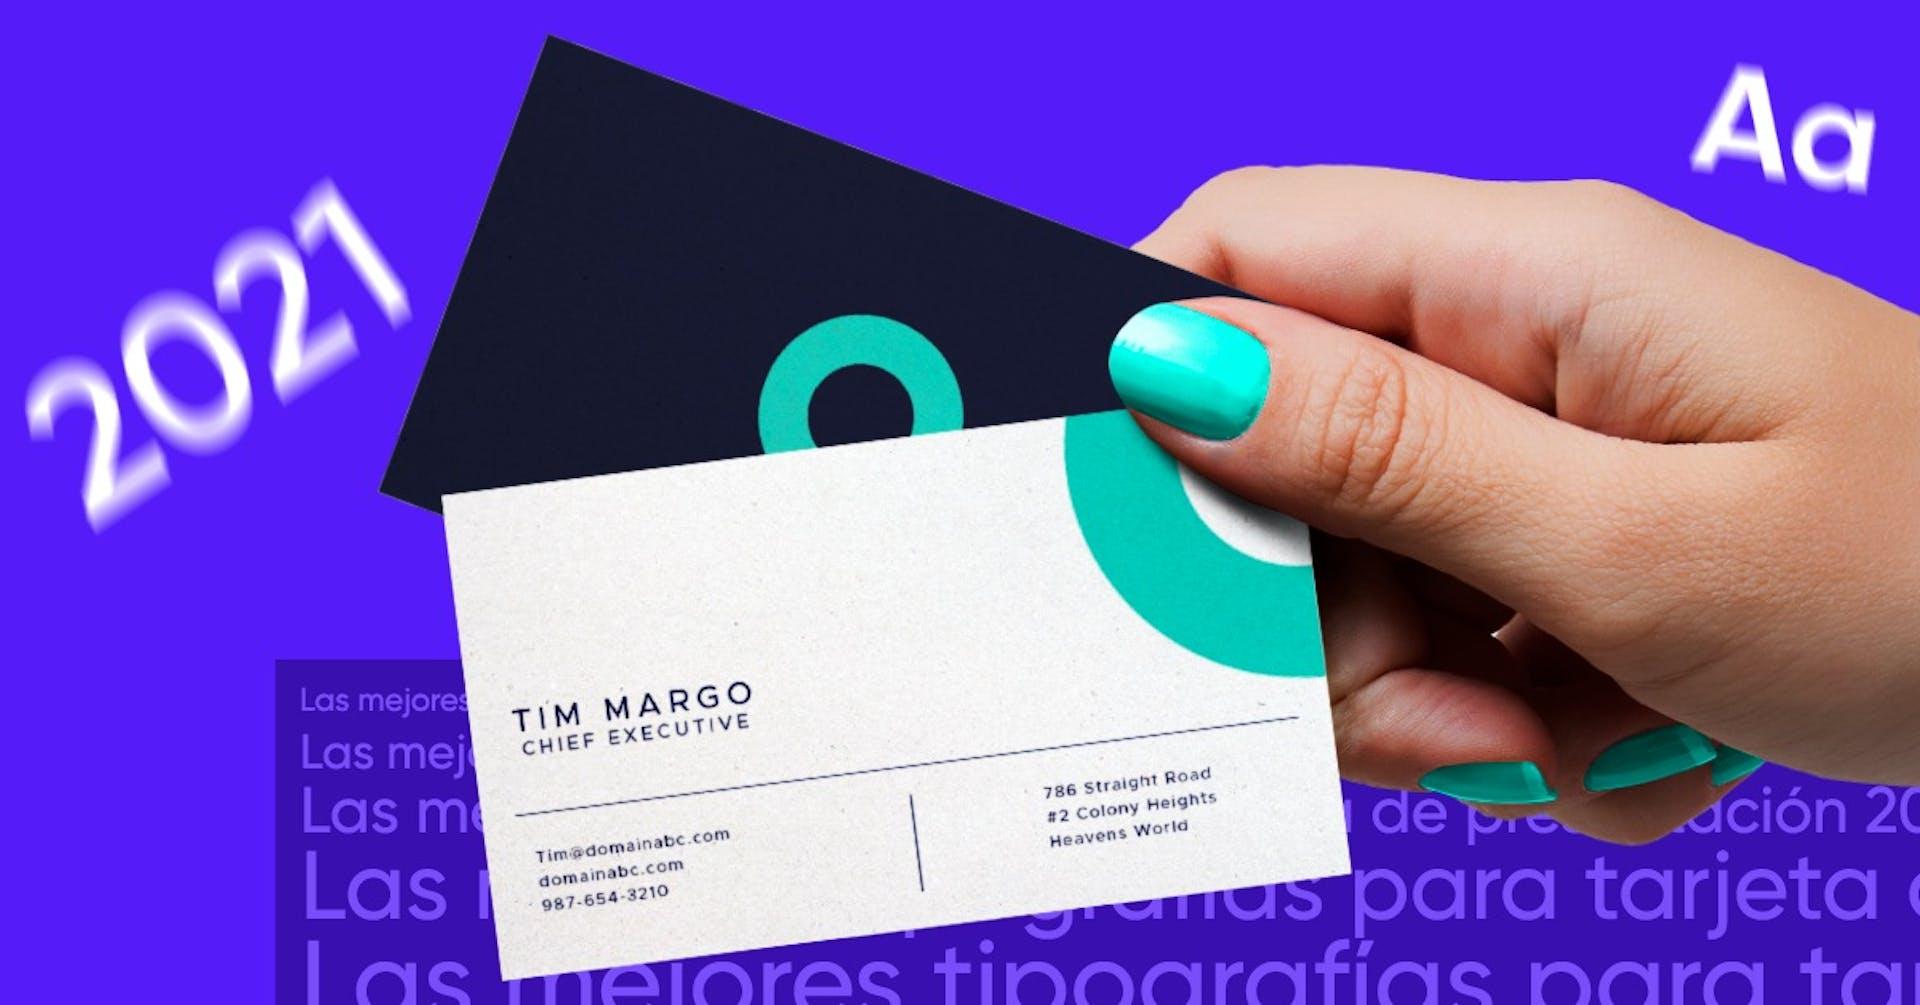 Tipografías para tarjetas de presentación ¡Causa la mejor impresión!